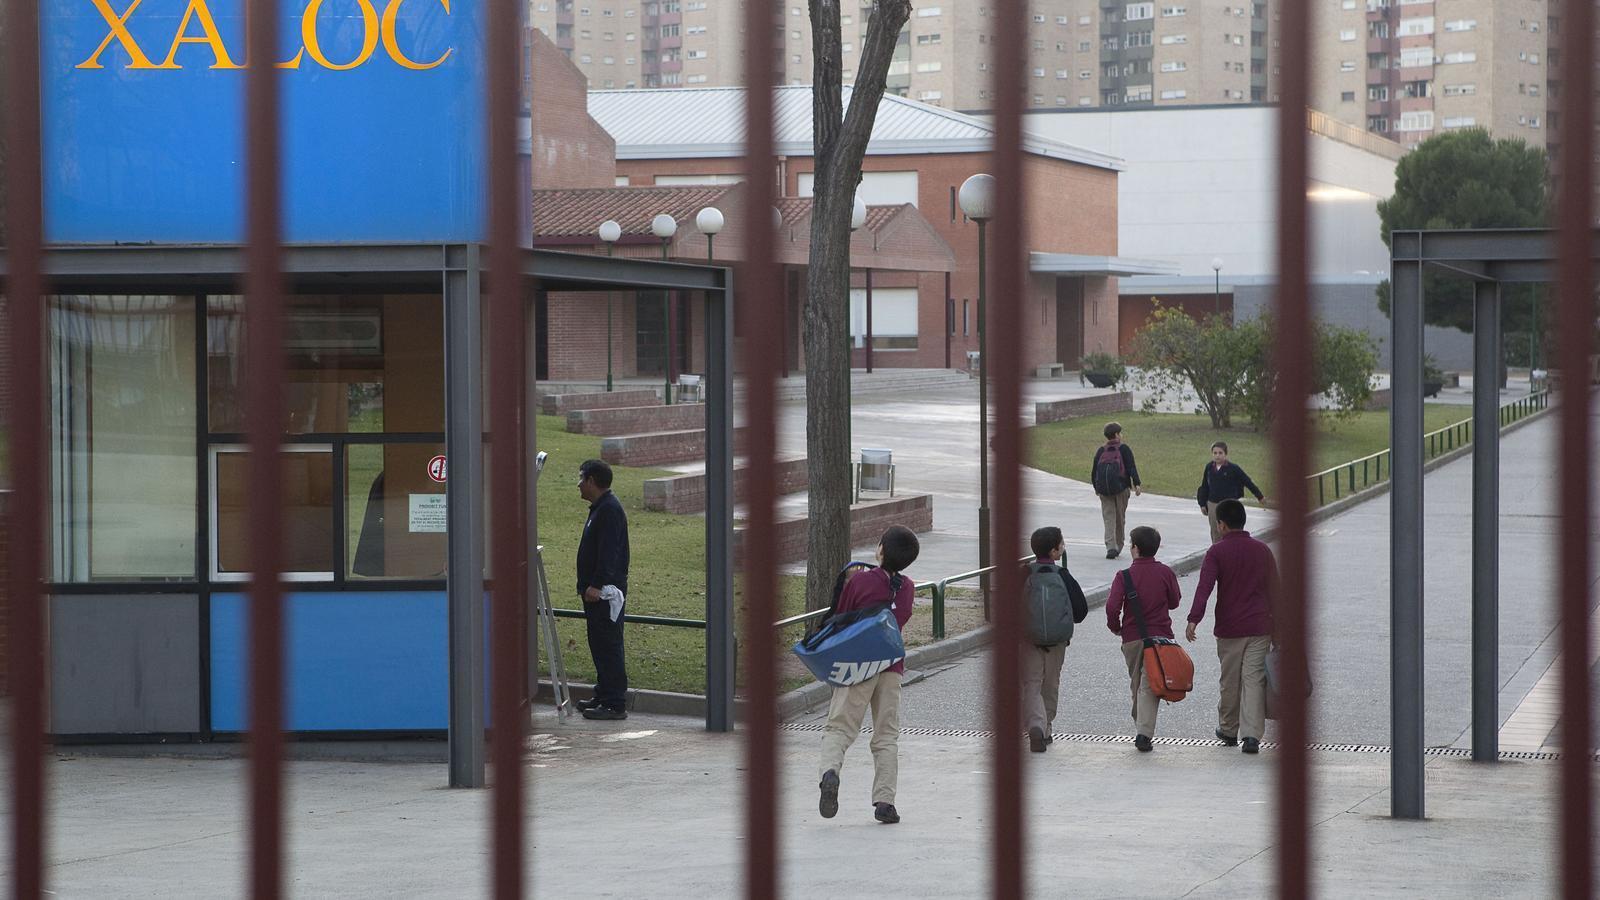 L'entrada de l'escola Xaloc, el centre per a nens vinculat a l'Opus Dei de l'Hospitalet / MANOLO GARCIA